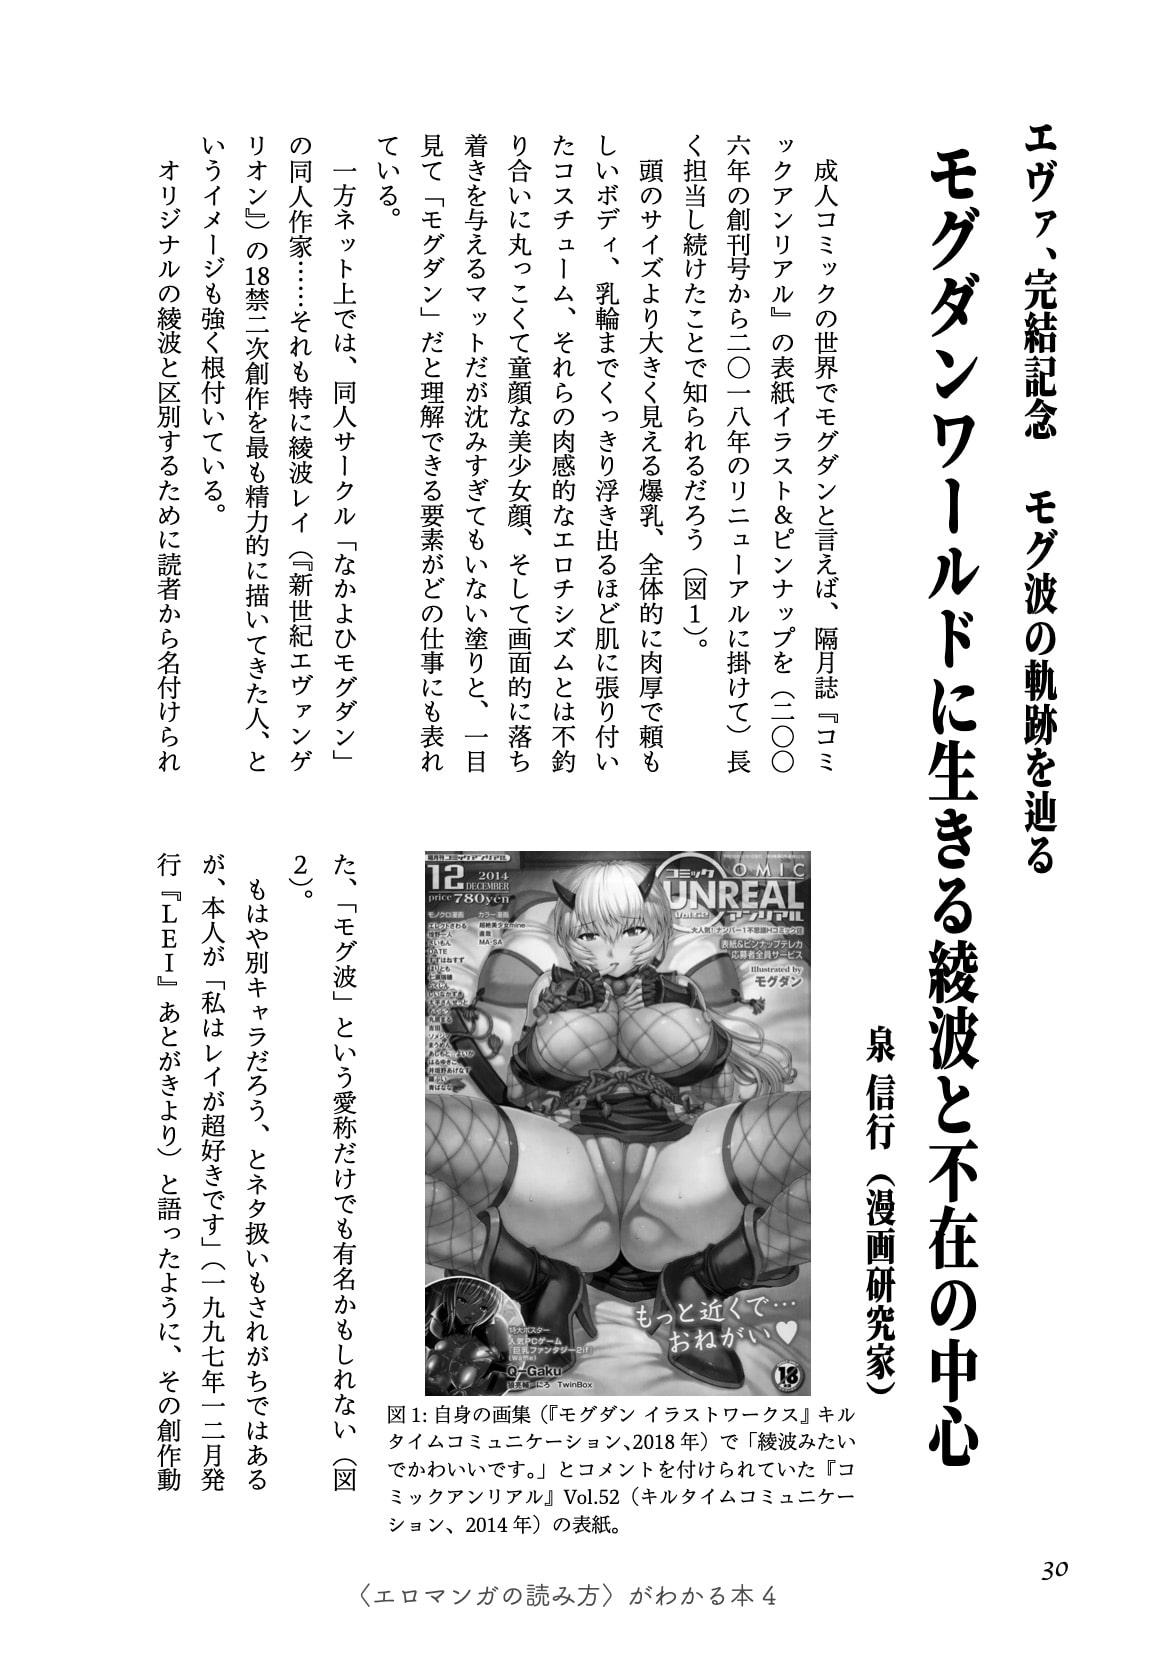 〈エロマンガの読み方〉がわかる本4 特集:爆乳&超乳